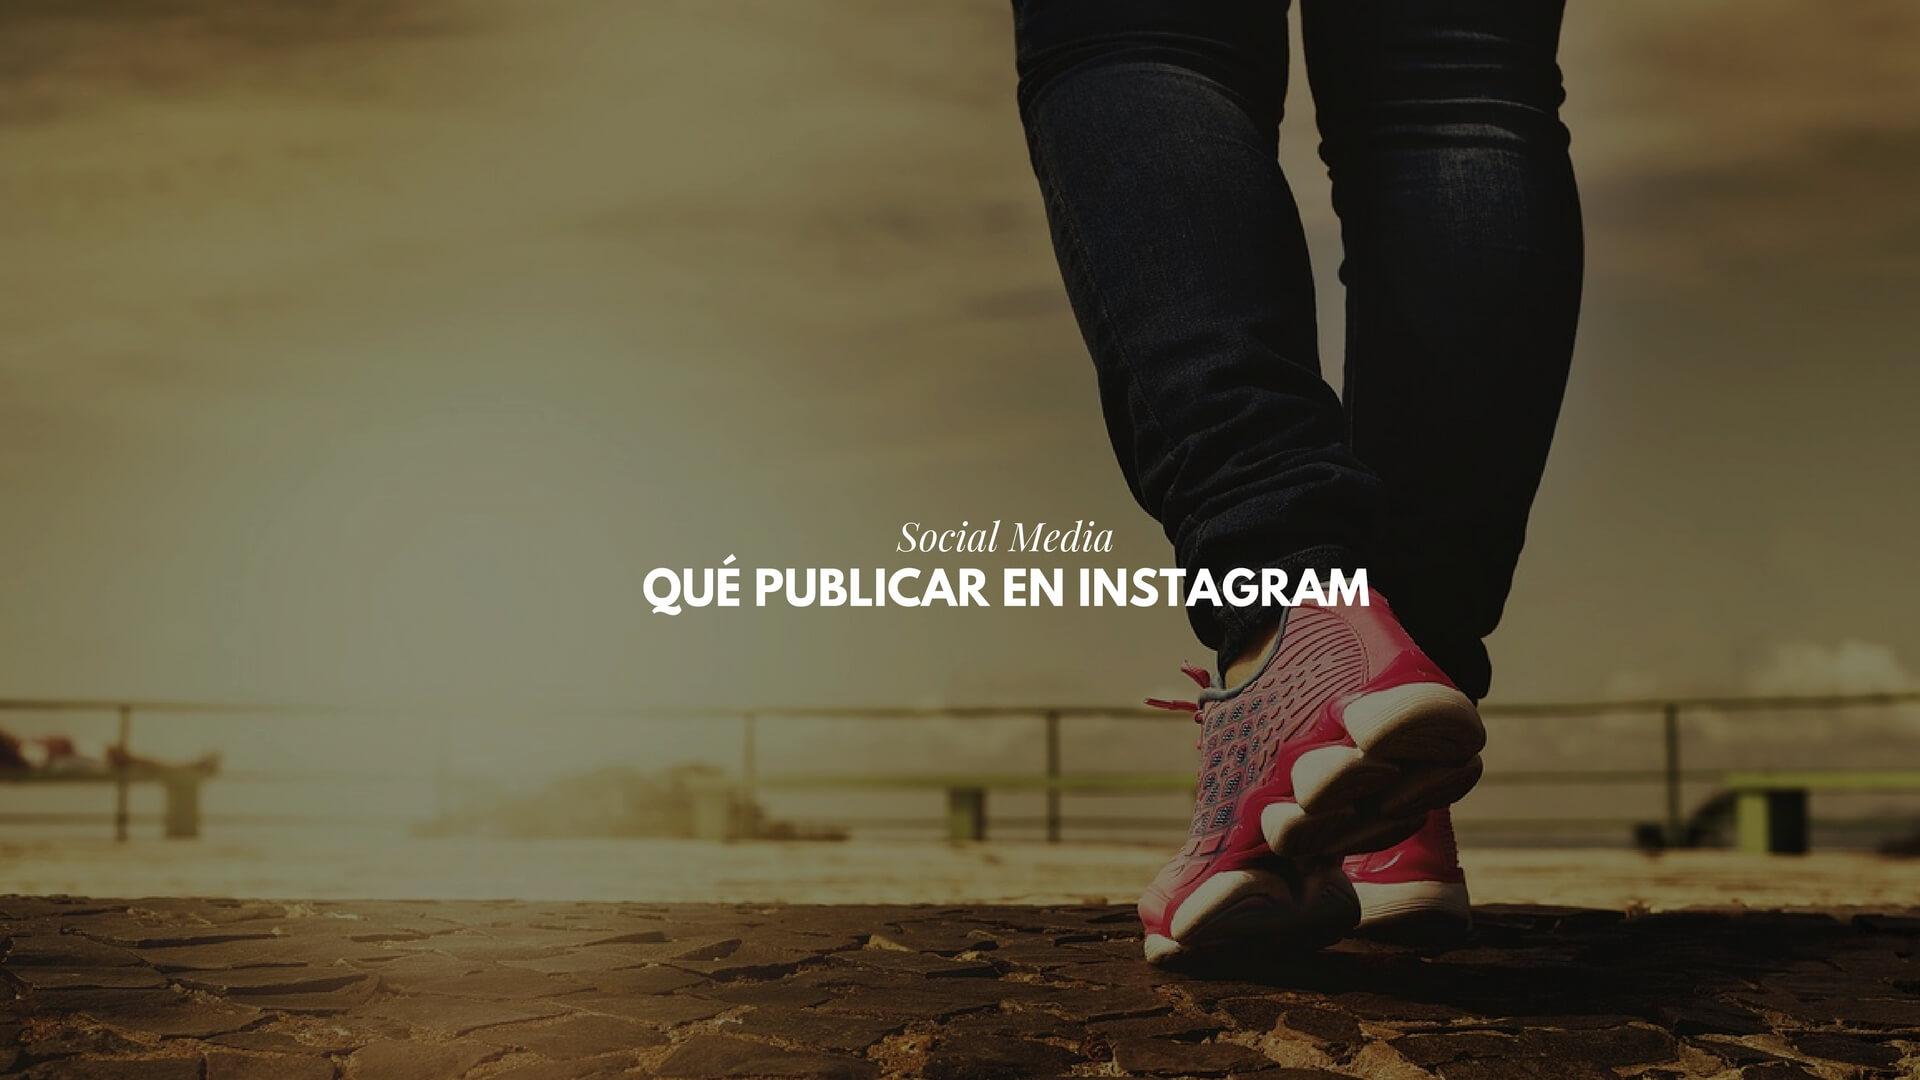 Qué publicar en Instagram : ideas para tu cuenta de Instagram profesional